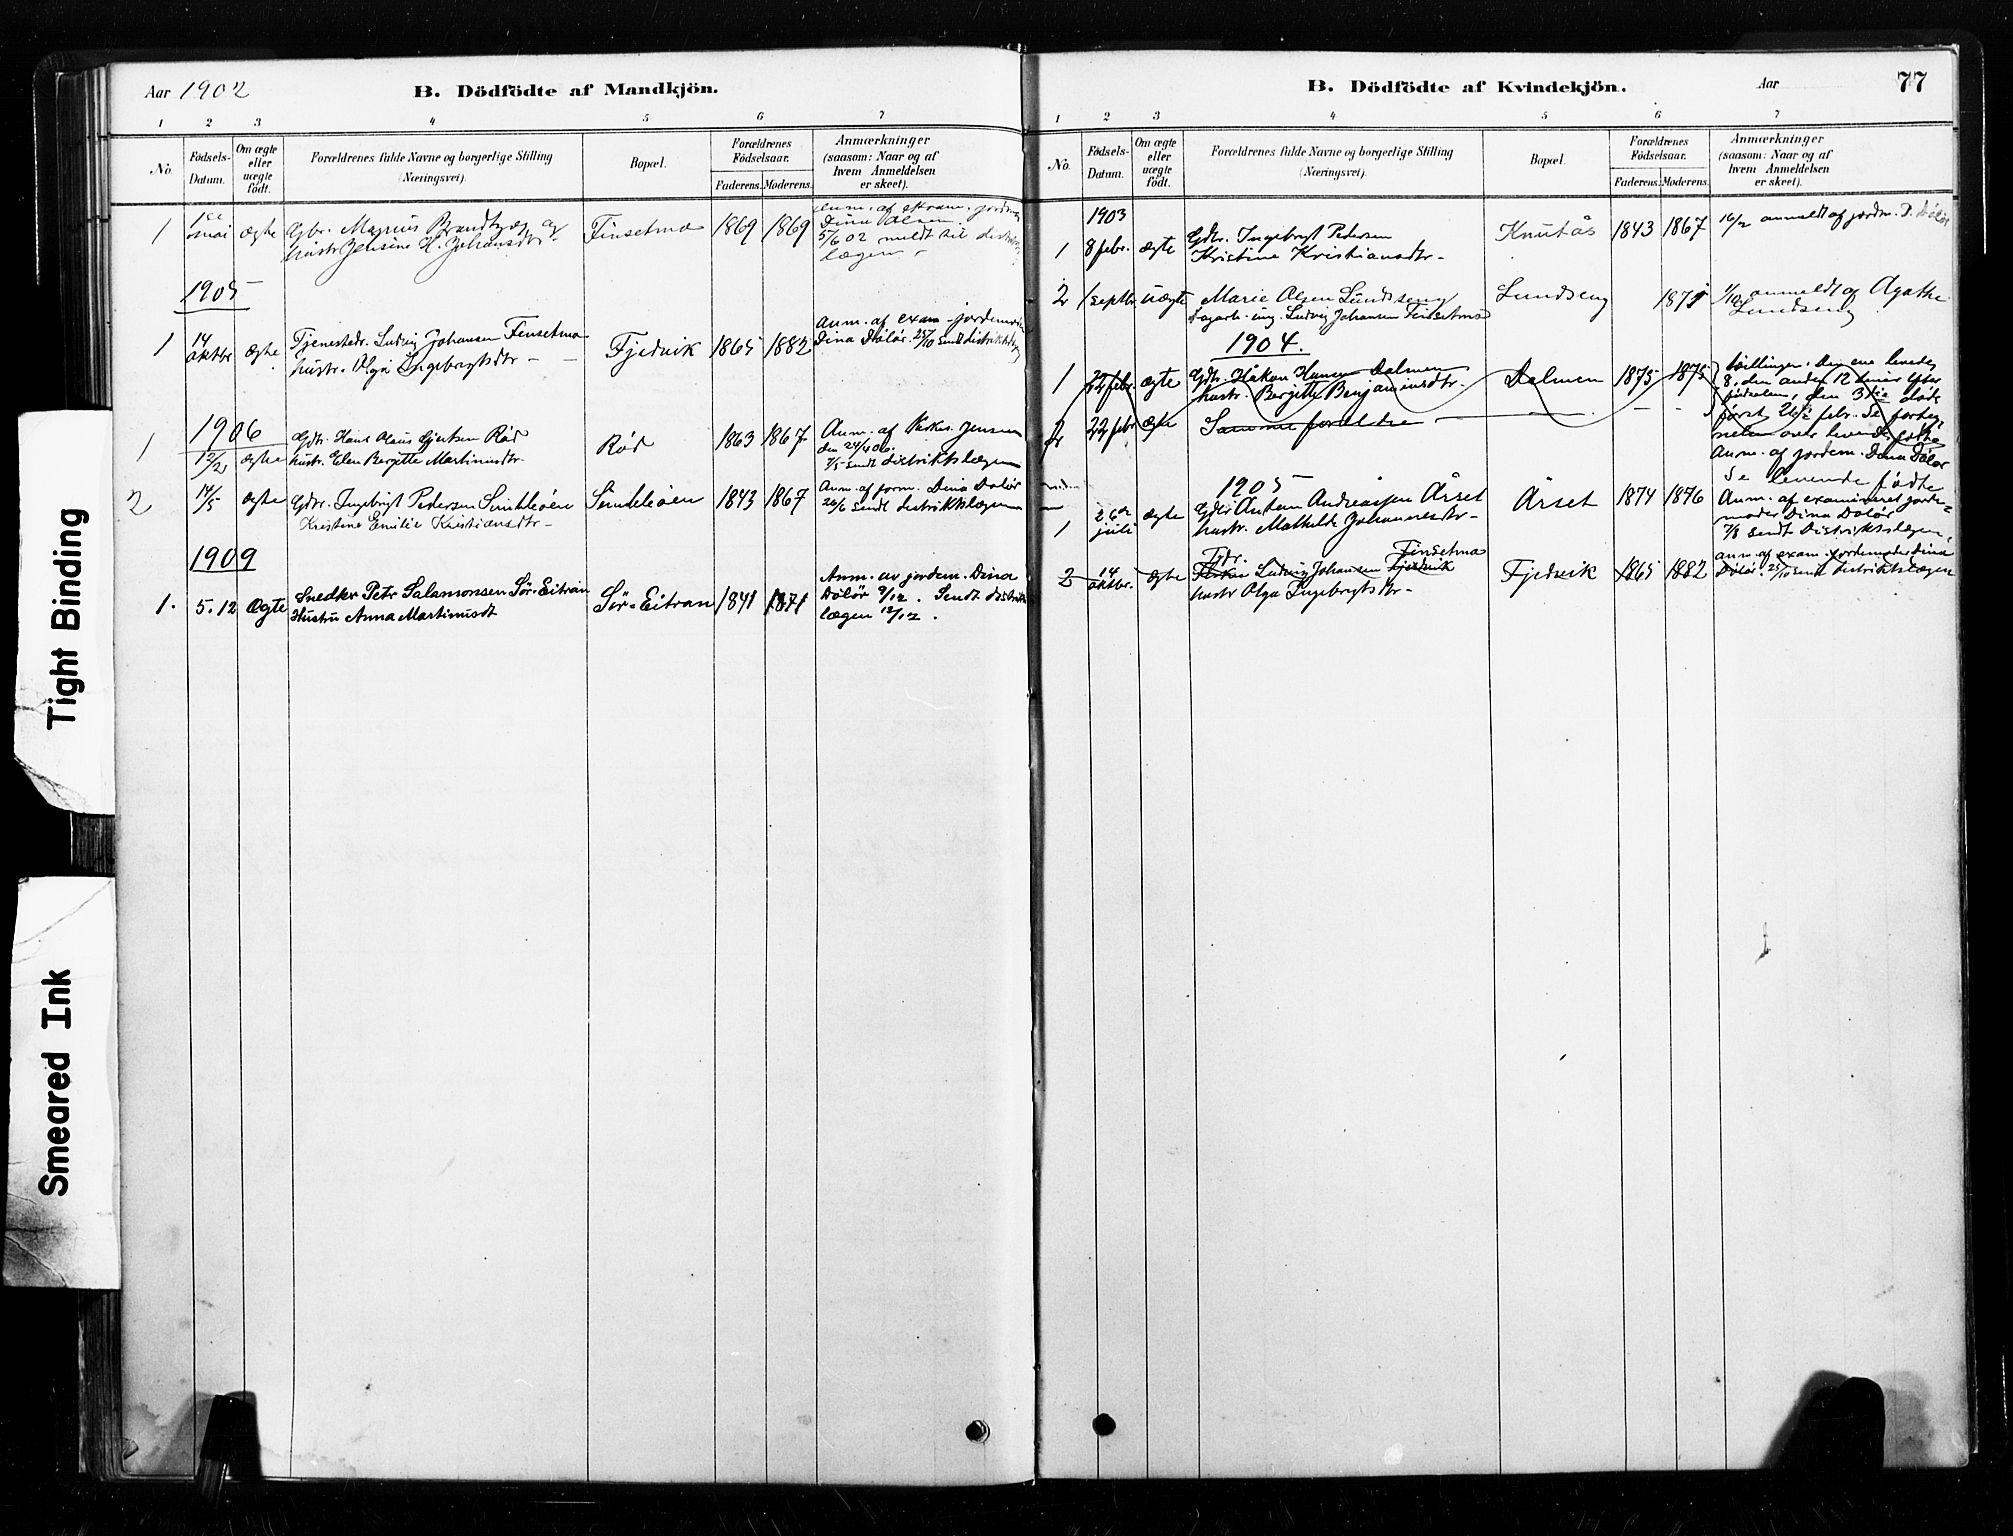 SAT, Ministerialprotokoller, klokkerbøker og fødselsregistre - Nord-Trøndelag, 789/L0705: Ministerialbok nr. 789A01, 1878-1910, s. 77